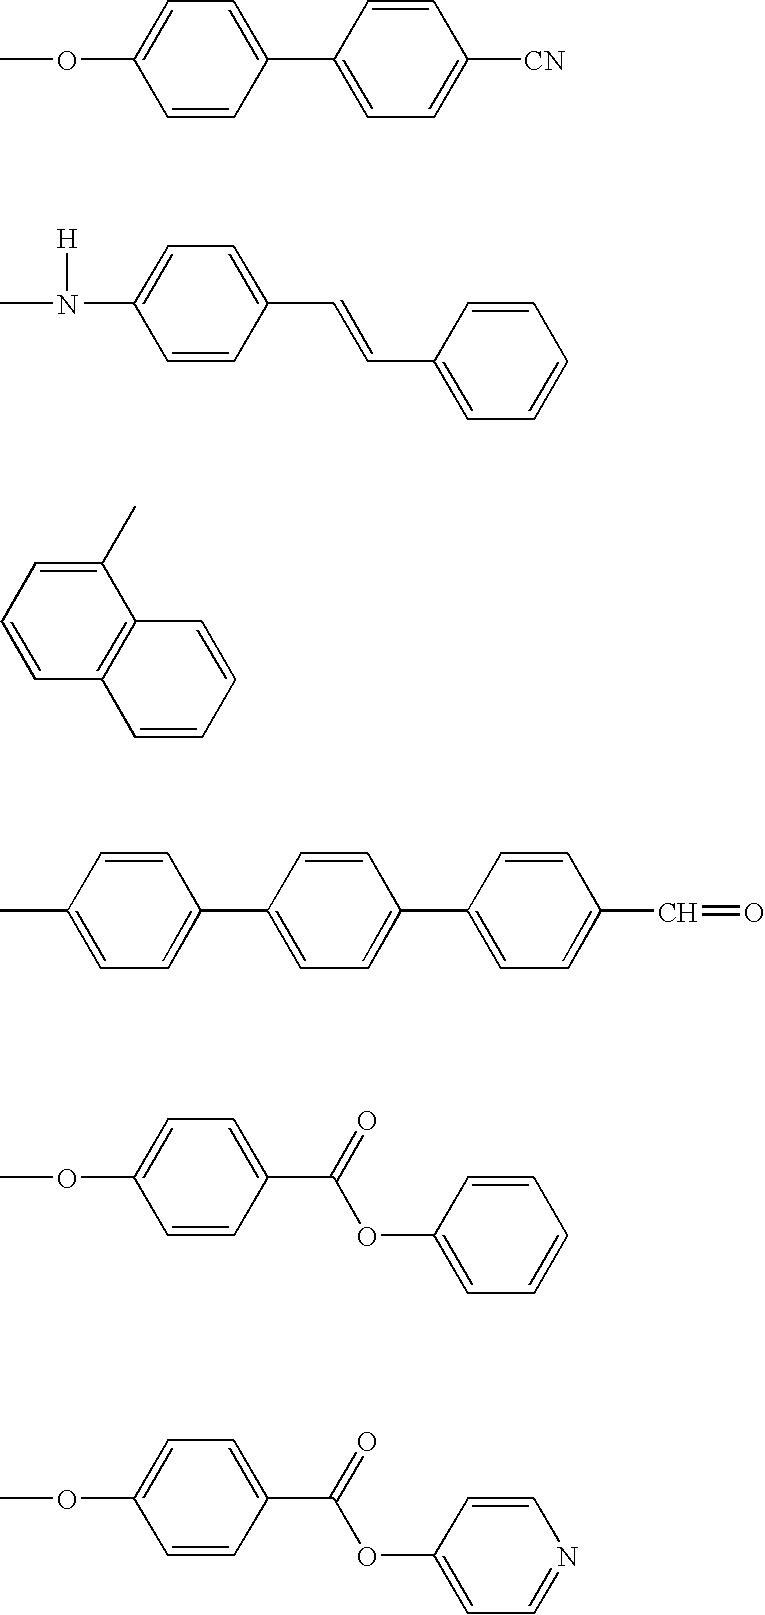 Figure US20080311489A1-20081218-C00003